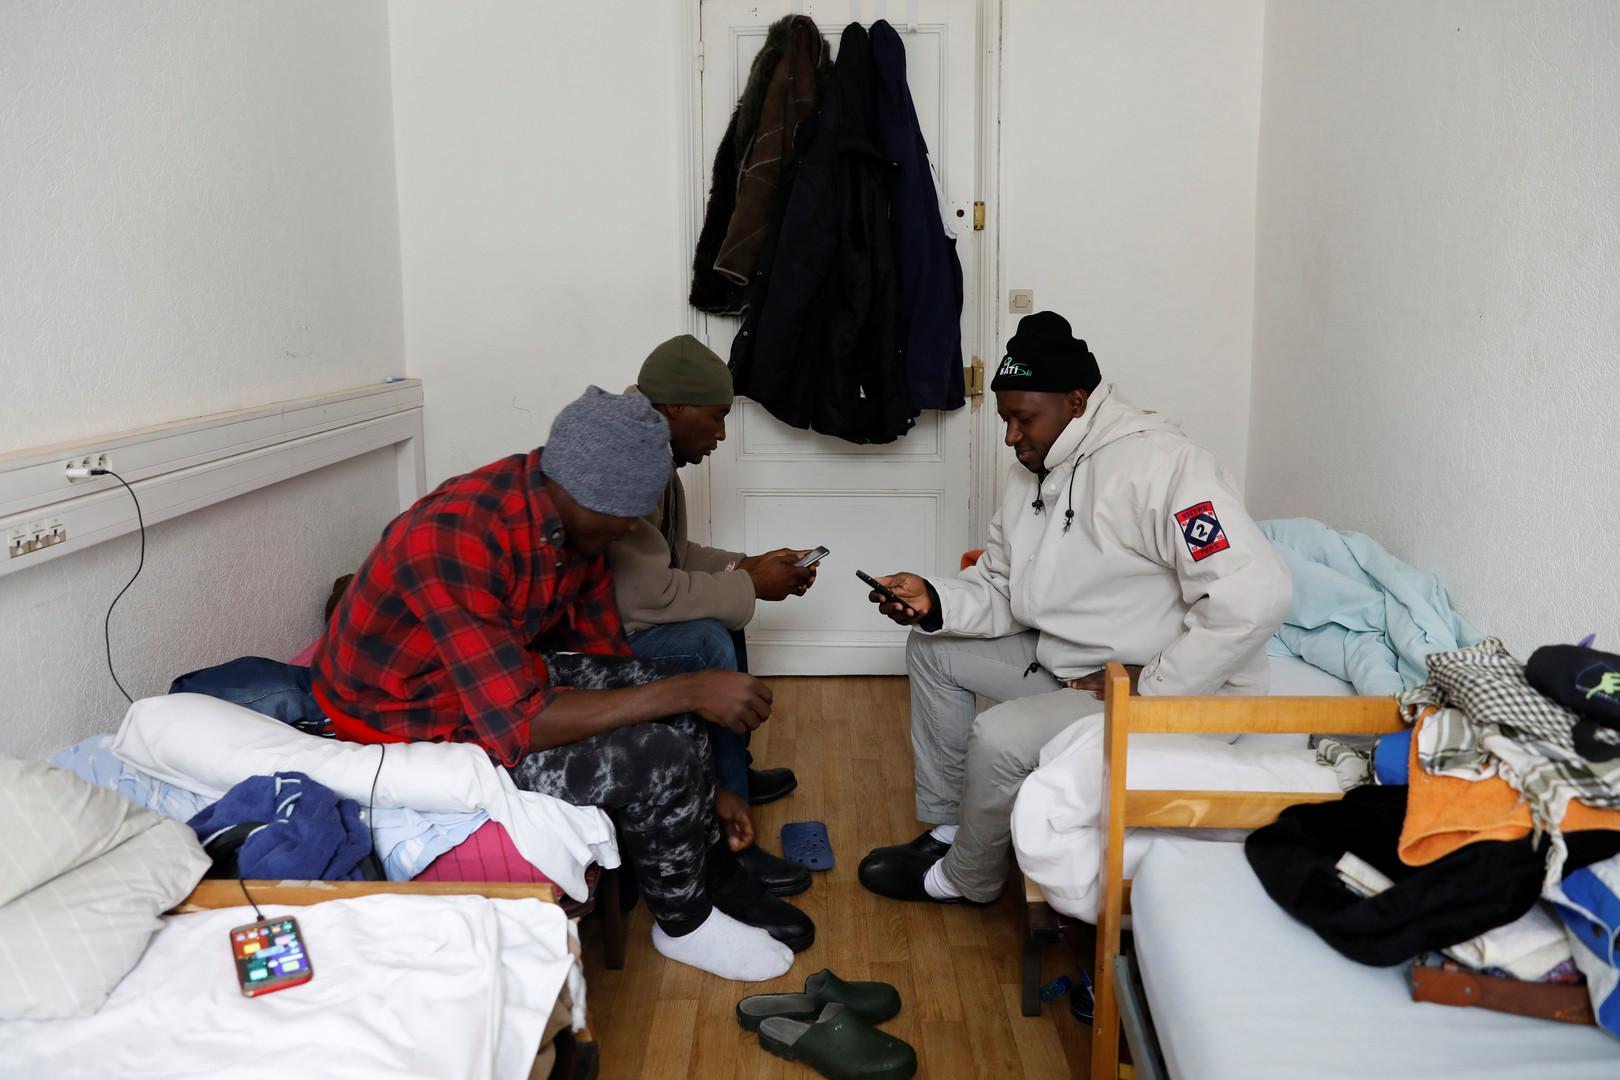 """Abdullhai und Abu aus Guinea sind in der Flüchtlingsunterkunft """"Tous Migrants"""" angekommen, Briancon, Frankreich, 22. Dezember 2017."""